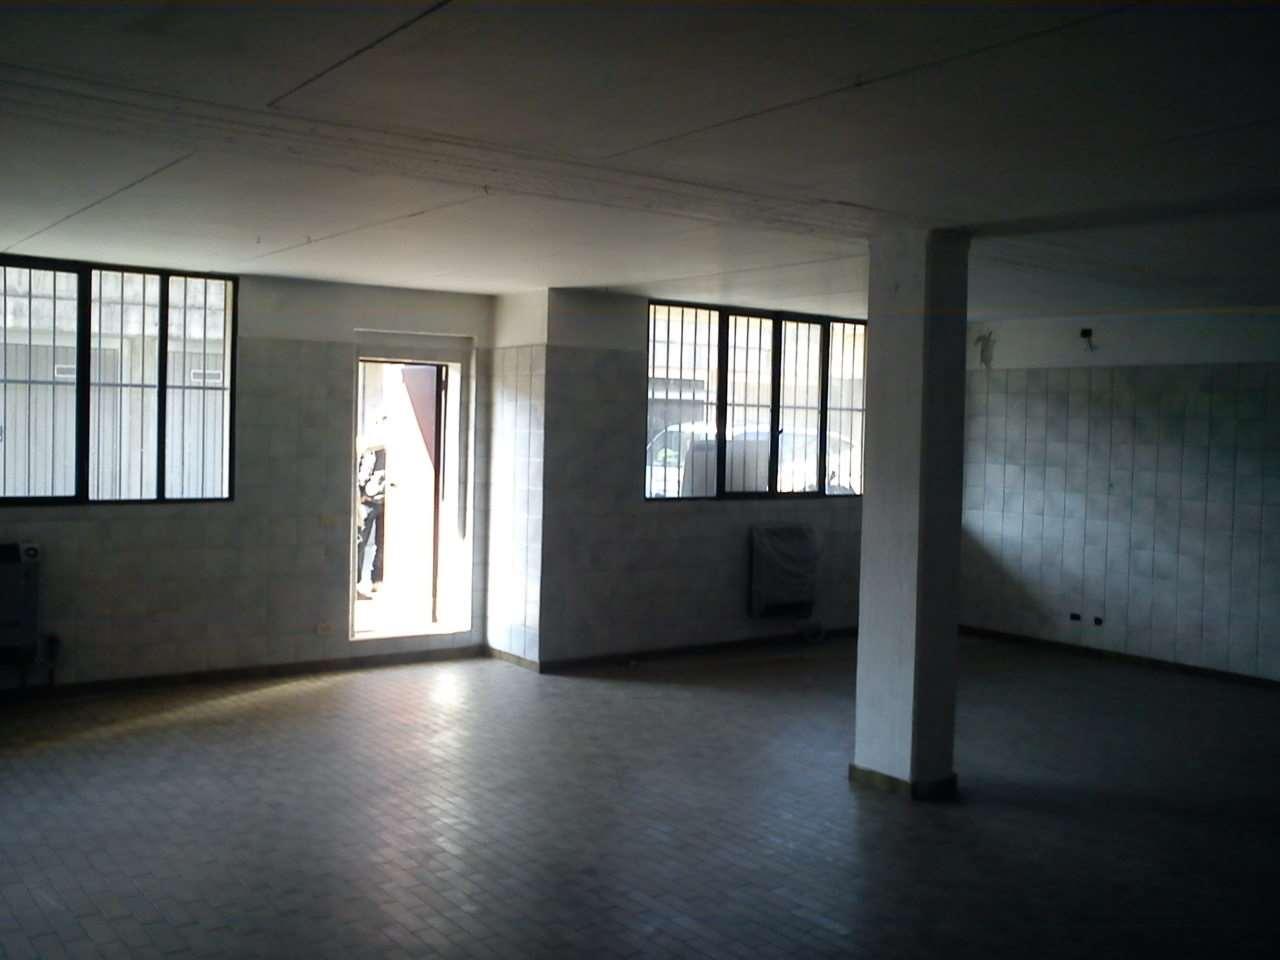 Laboratorio in vendita a Comun Nuovo, 1 locali, prezzo € 55.000 | Cambio Casa.it